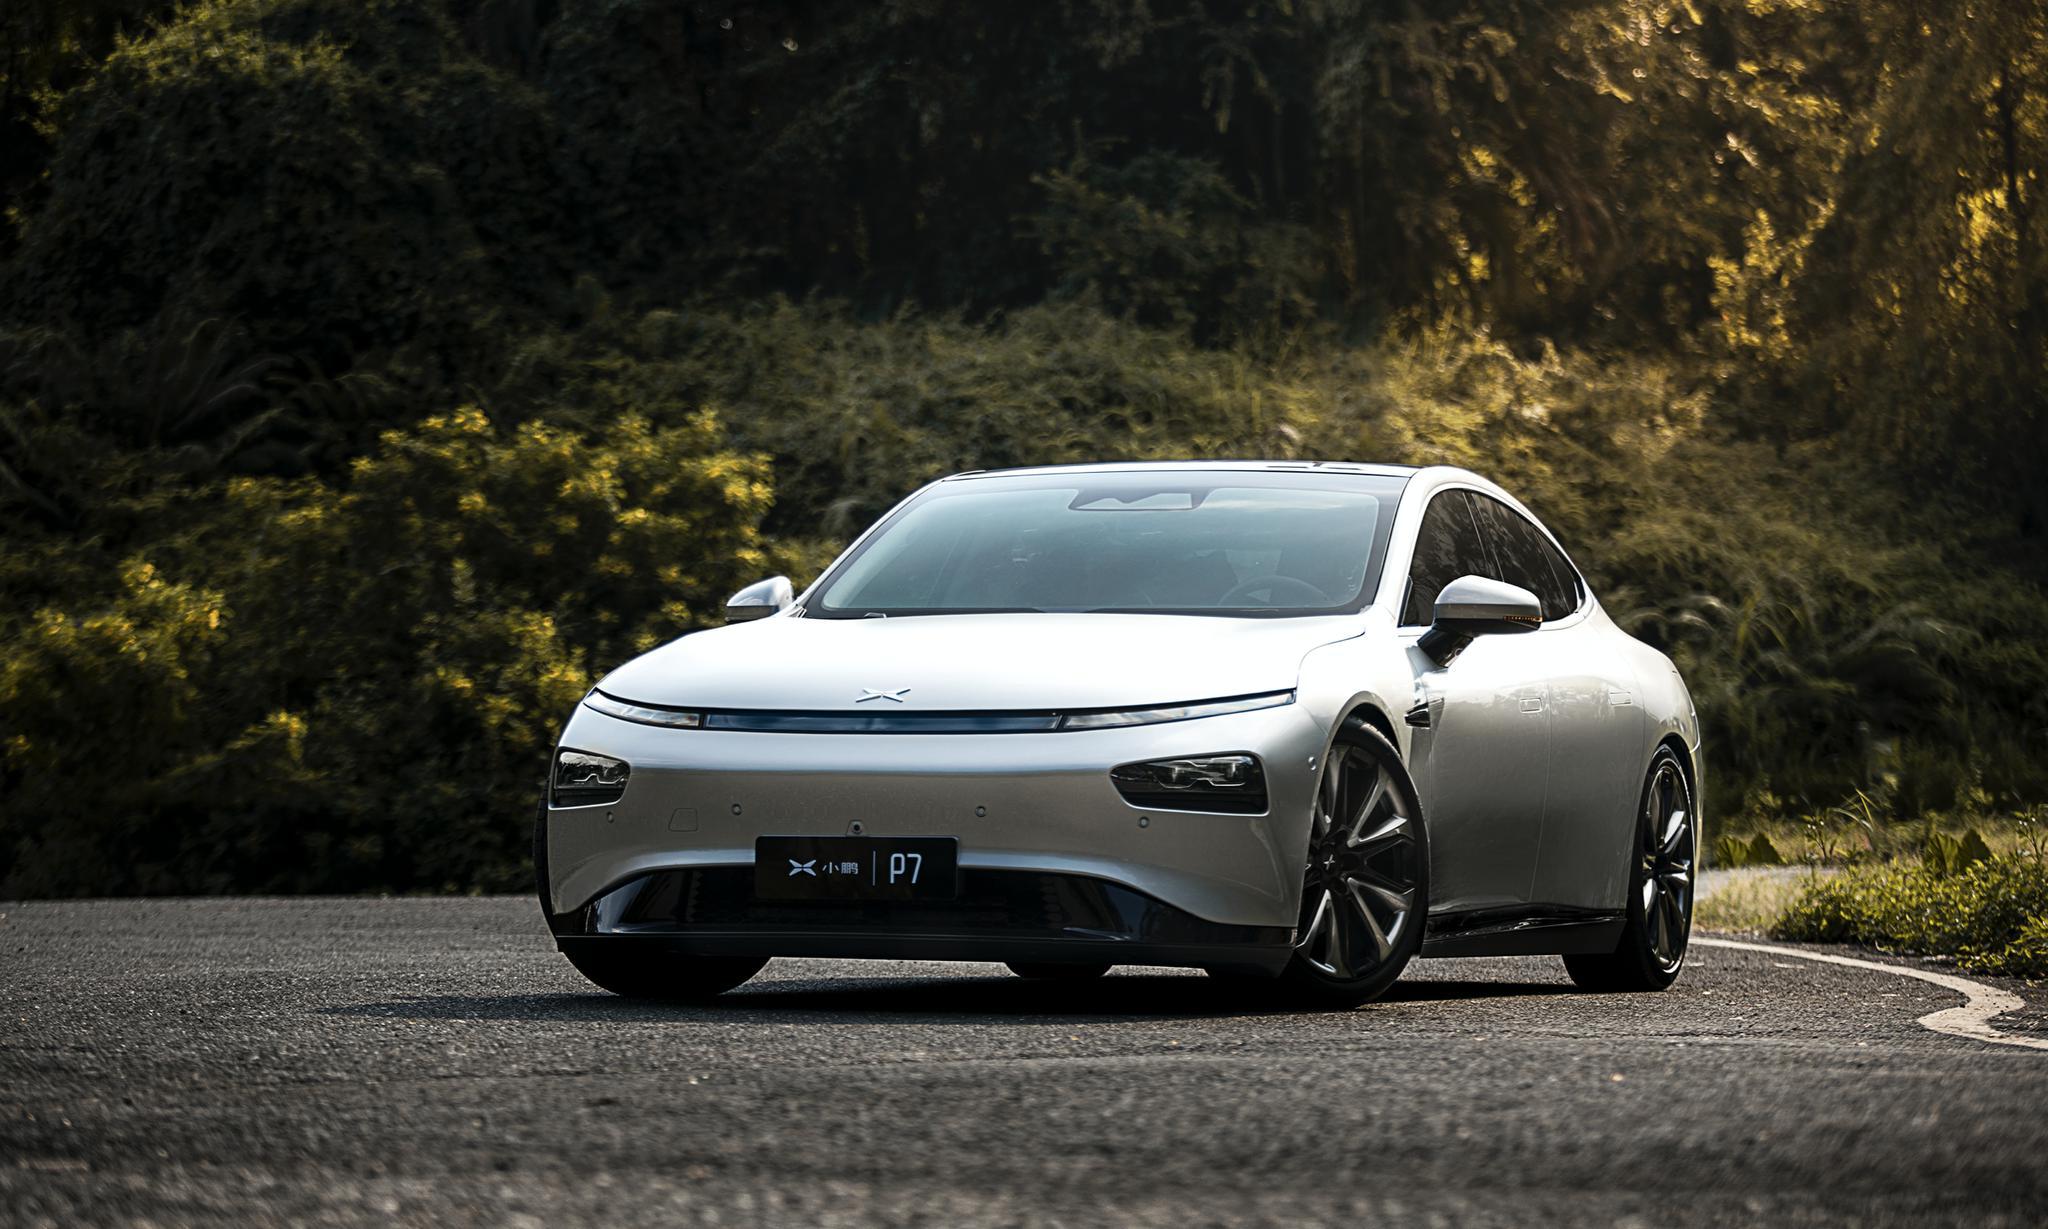 小鹏汽车宣布4亿美金融资,小米加盟开拓IoT和智能汽车领域